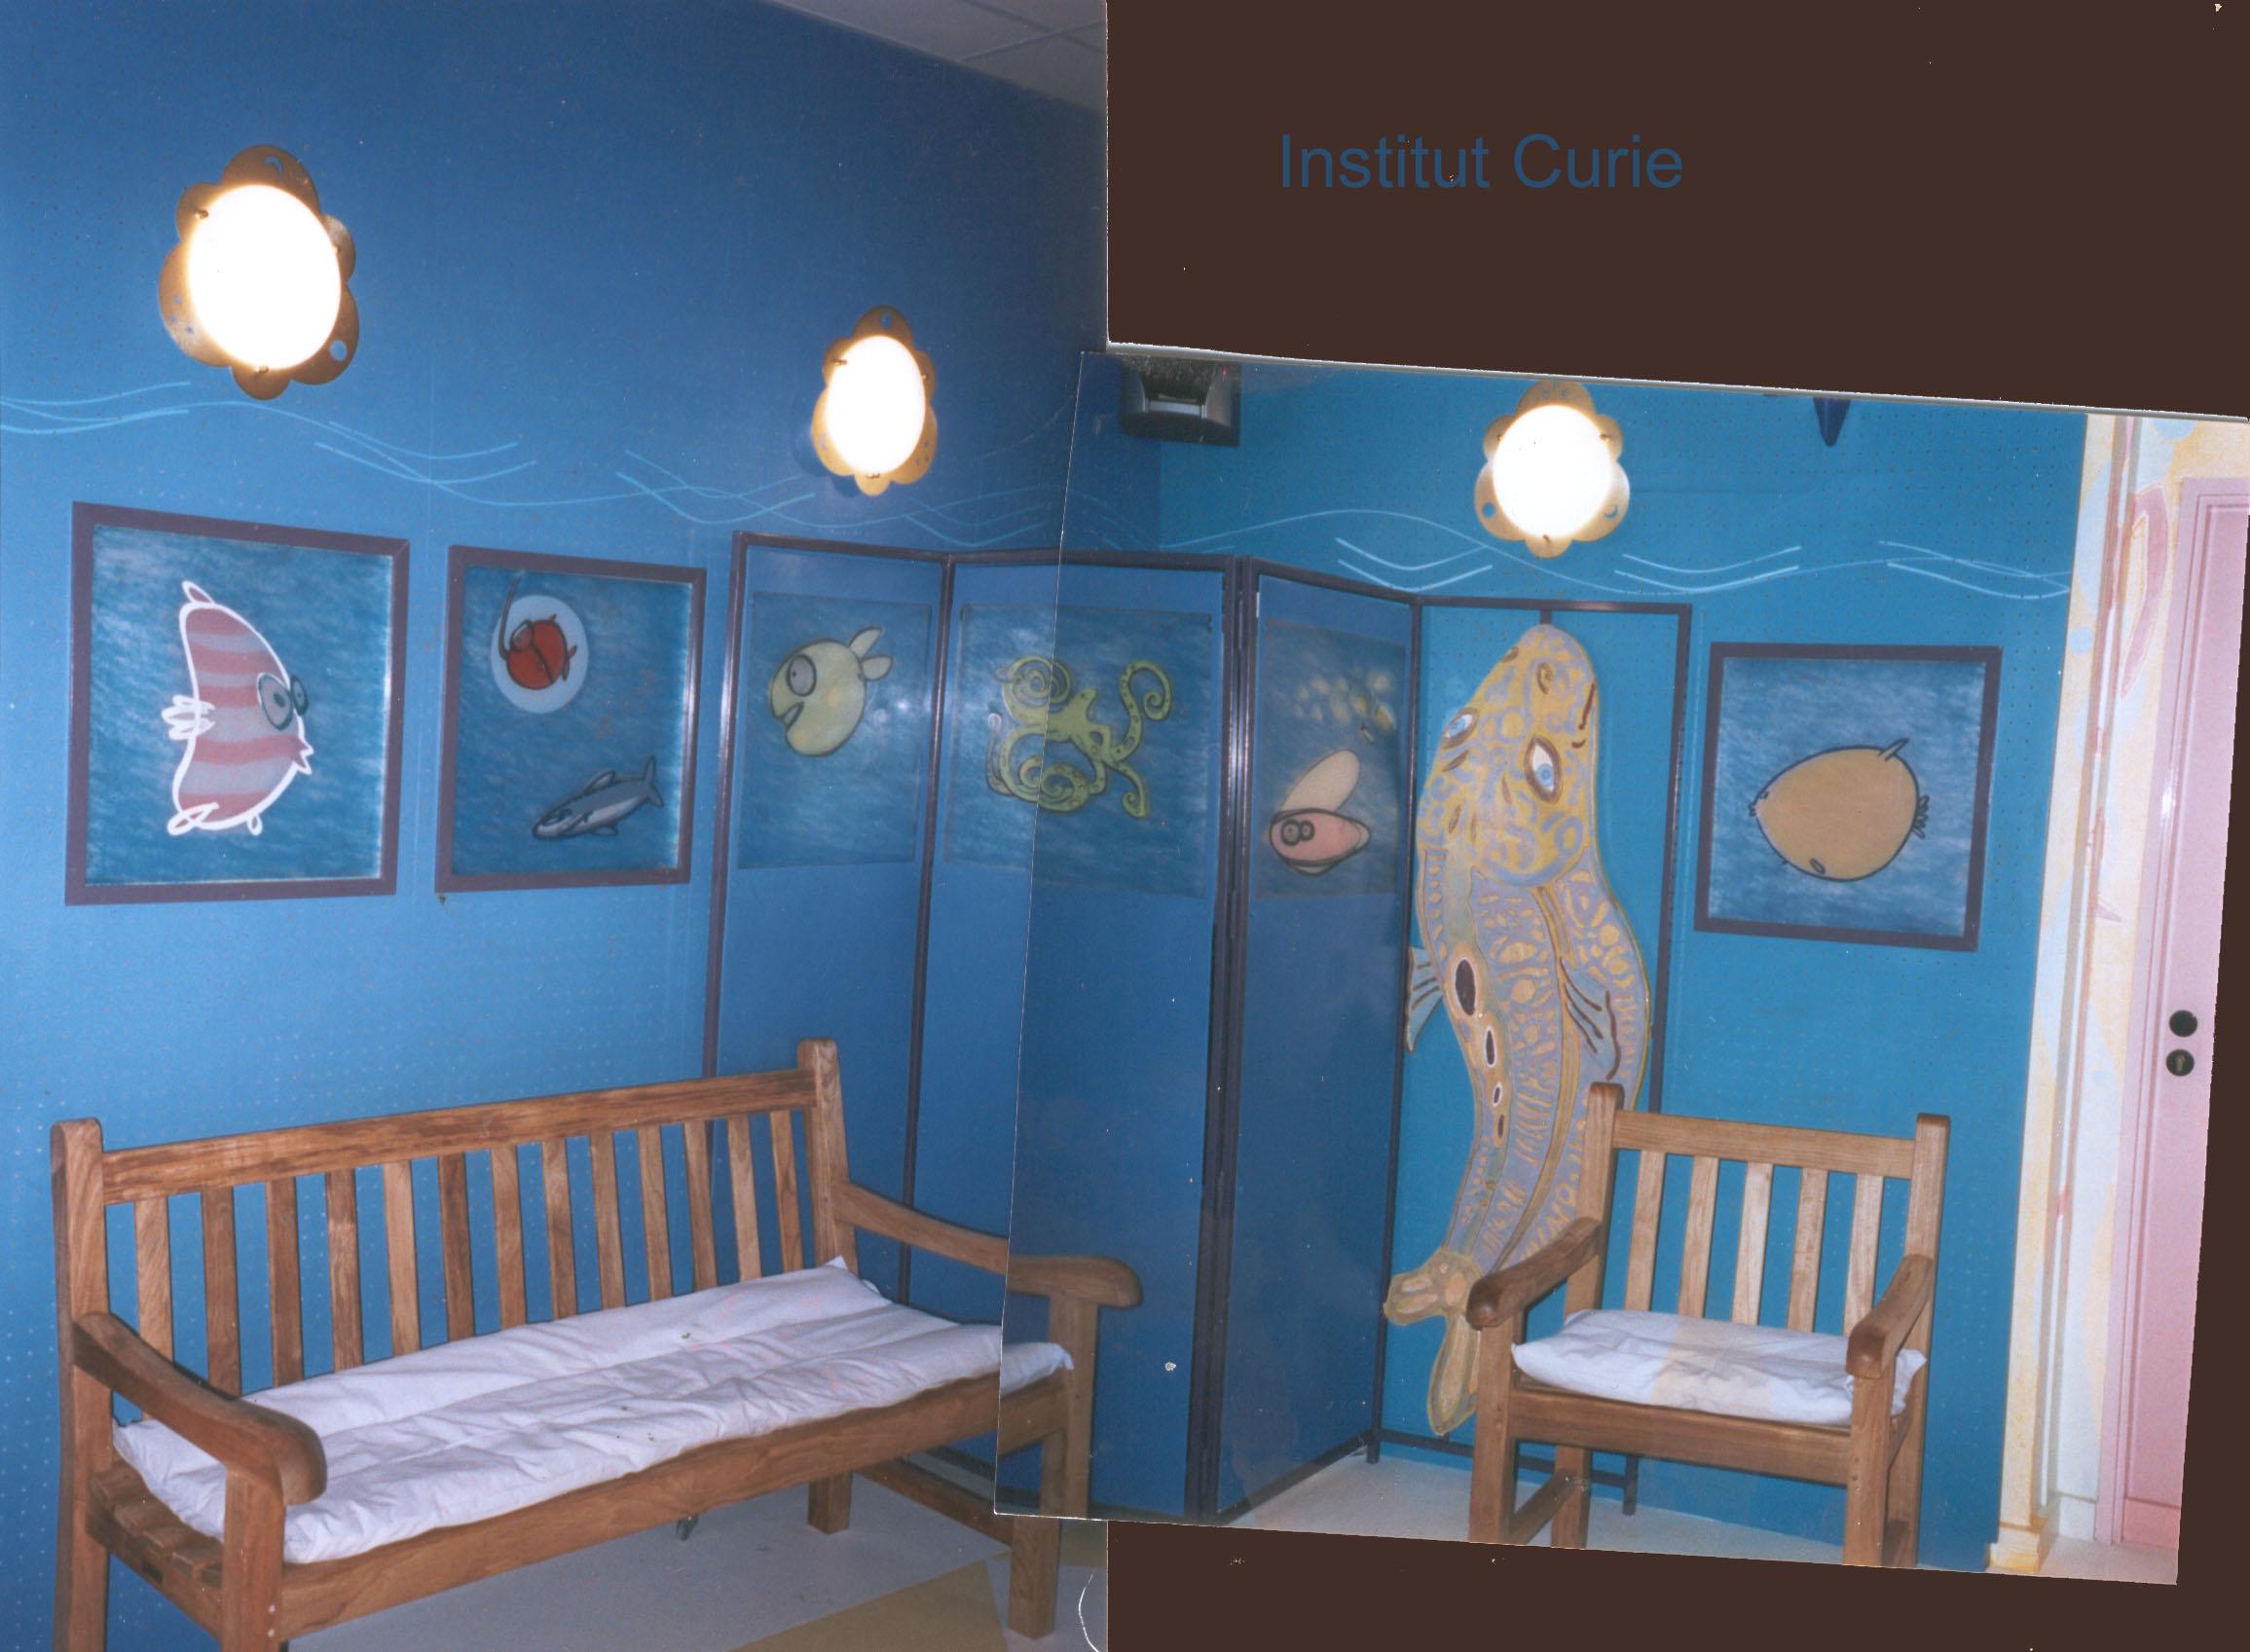 3 Institut Curie